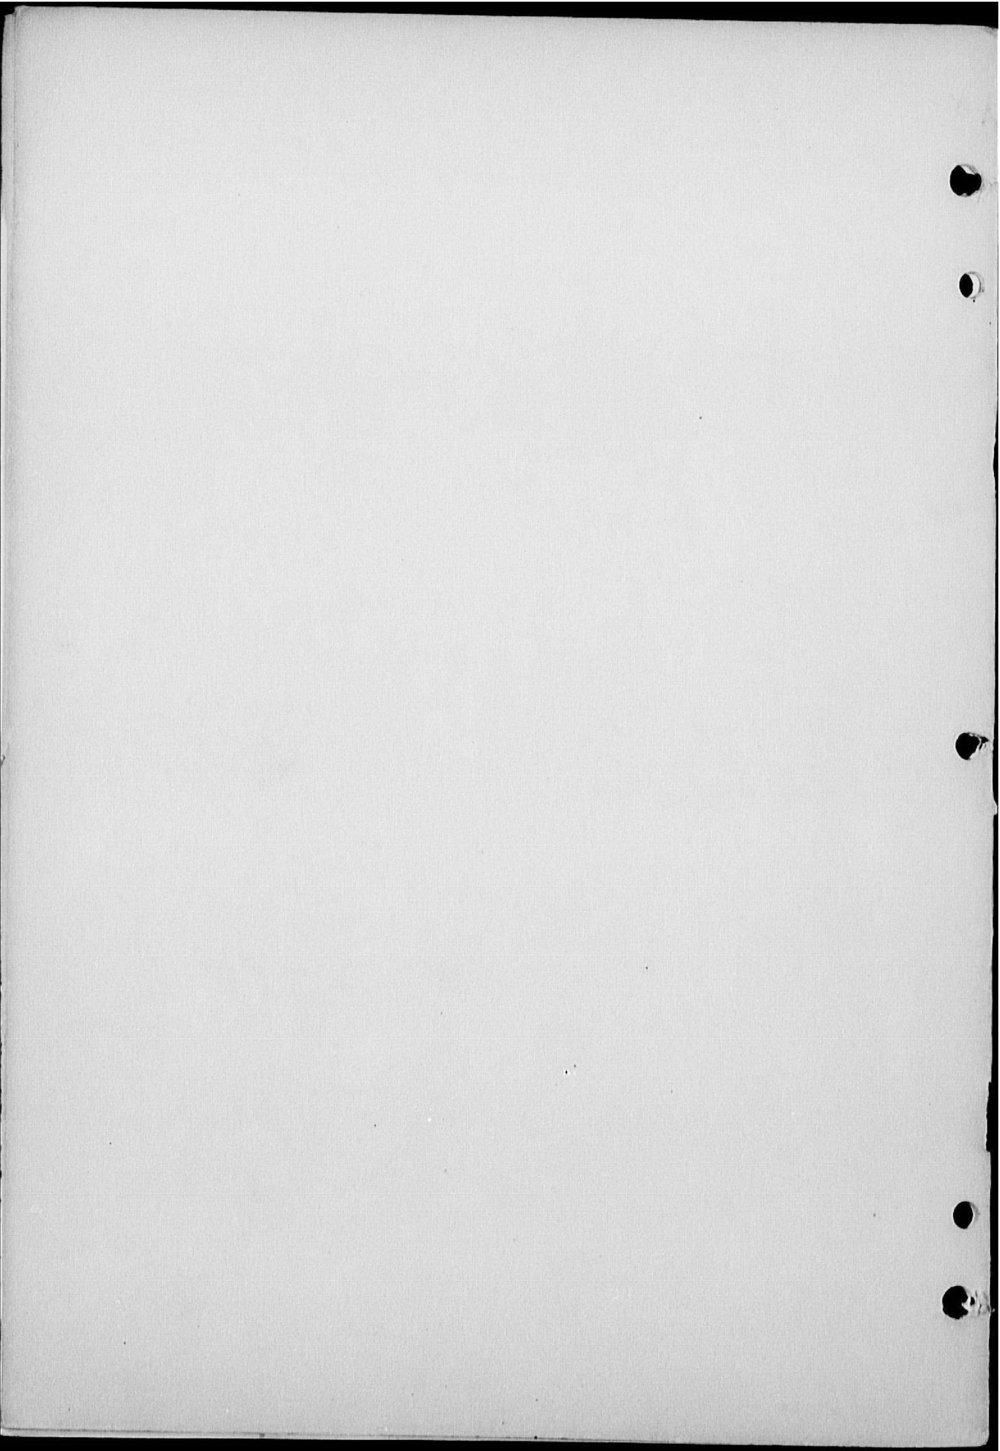 The Kansas Star, volume 51, number 8 - Back